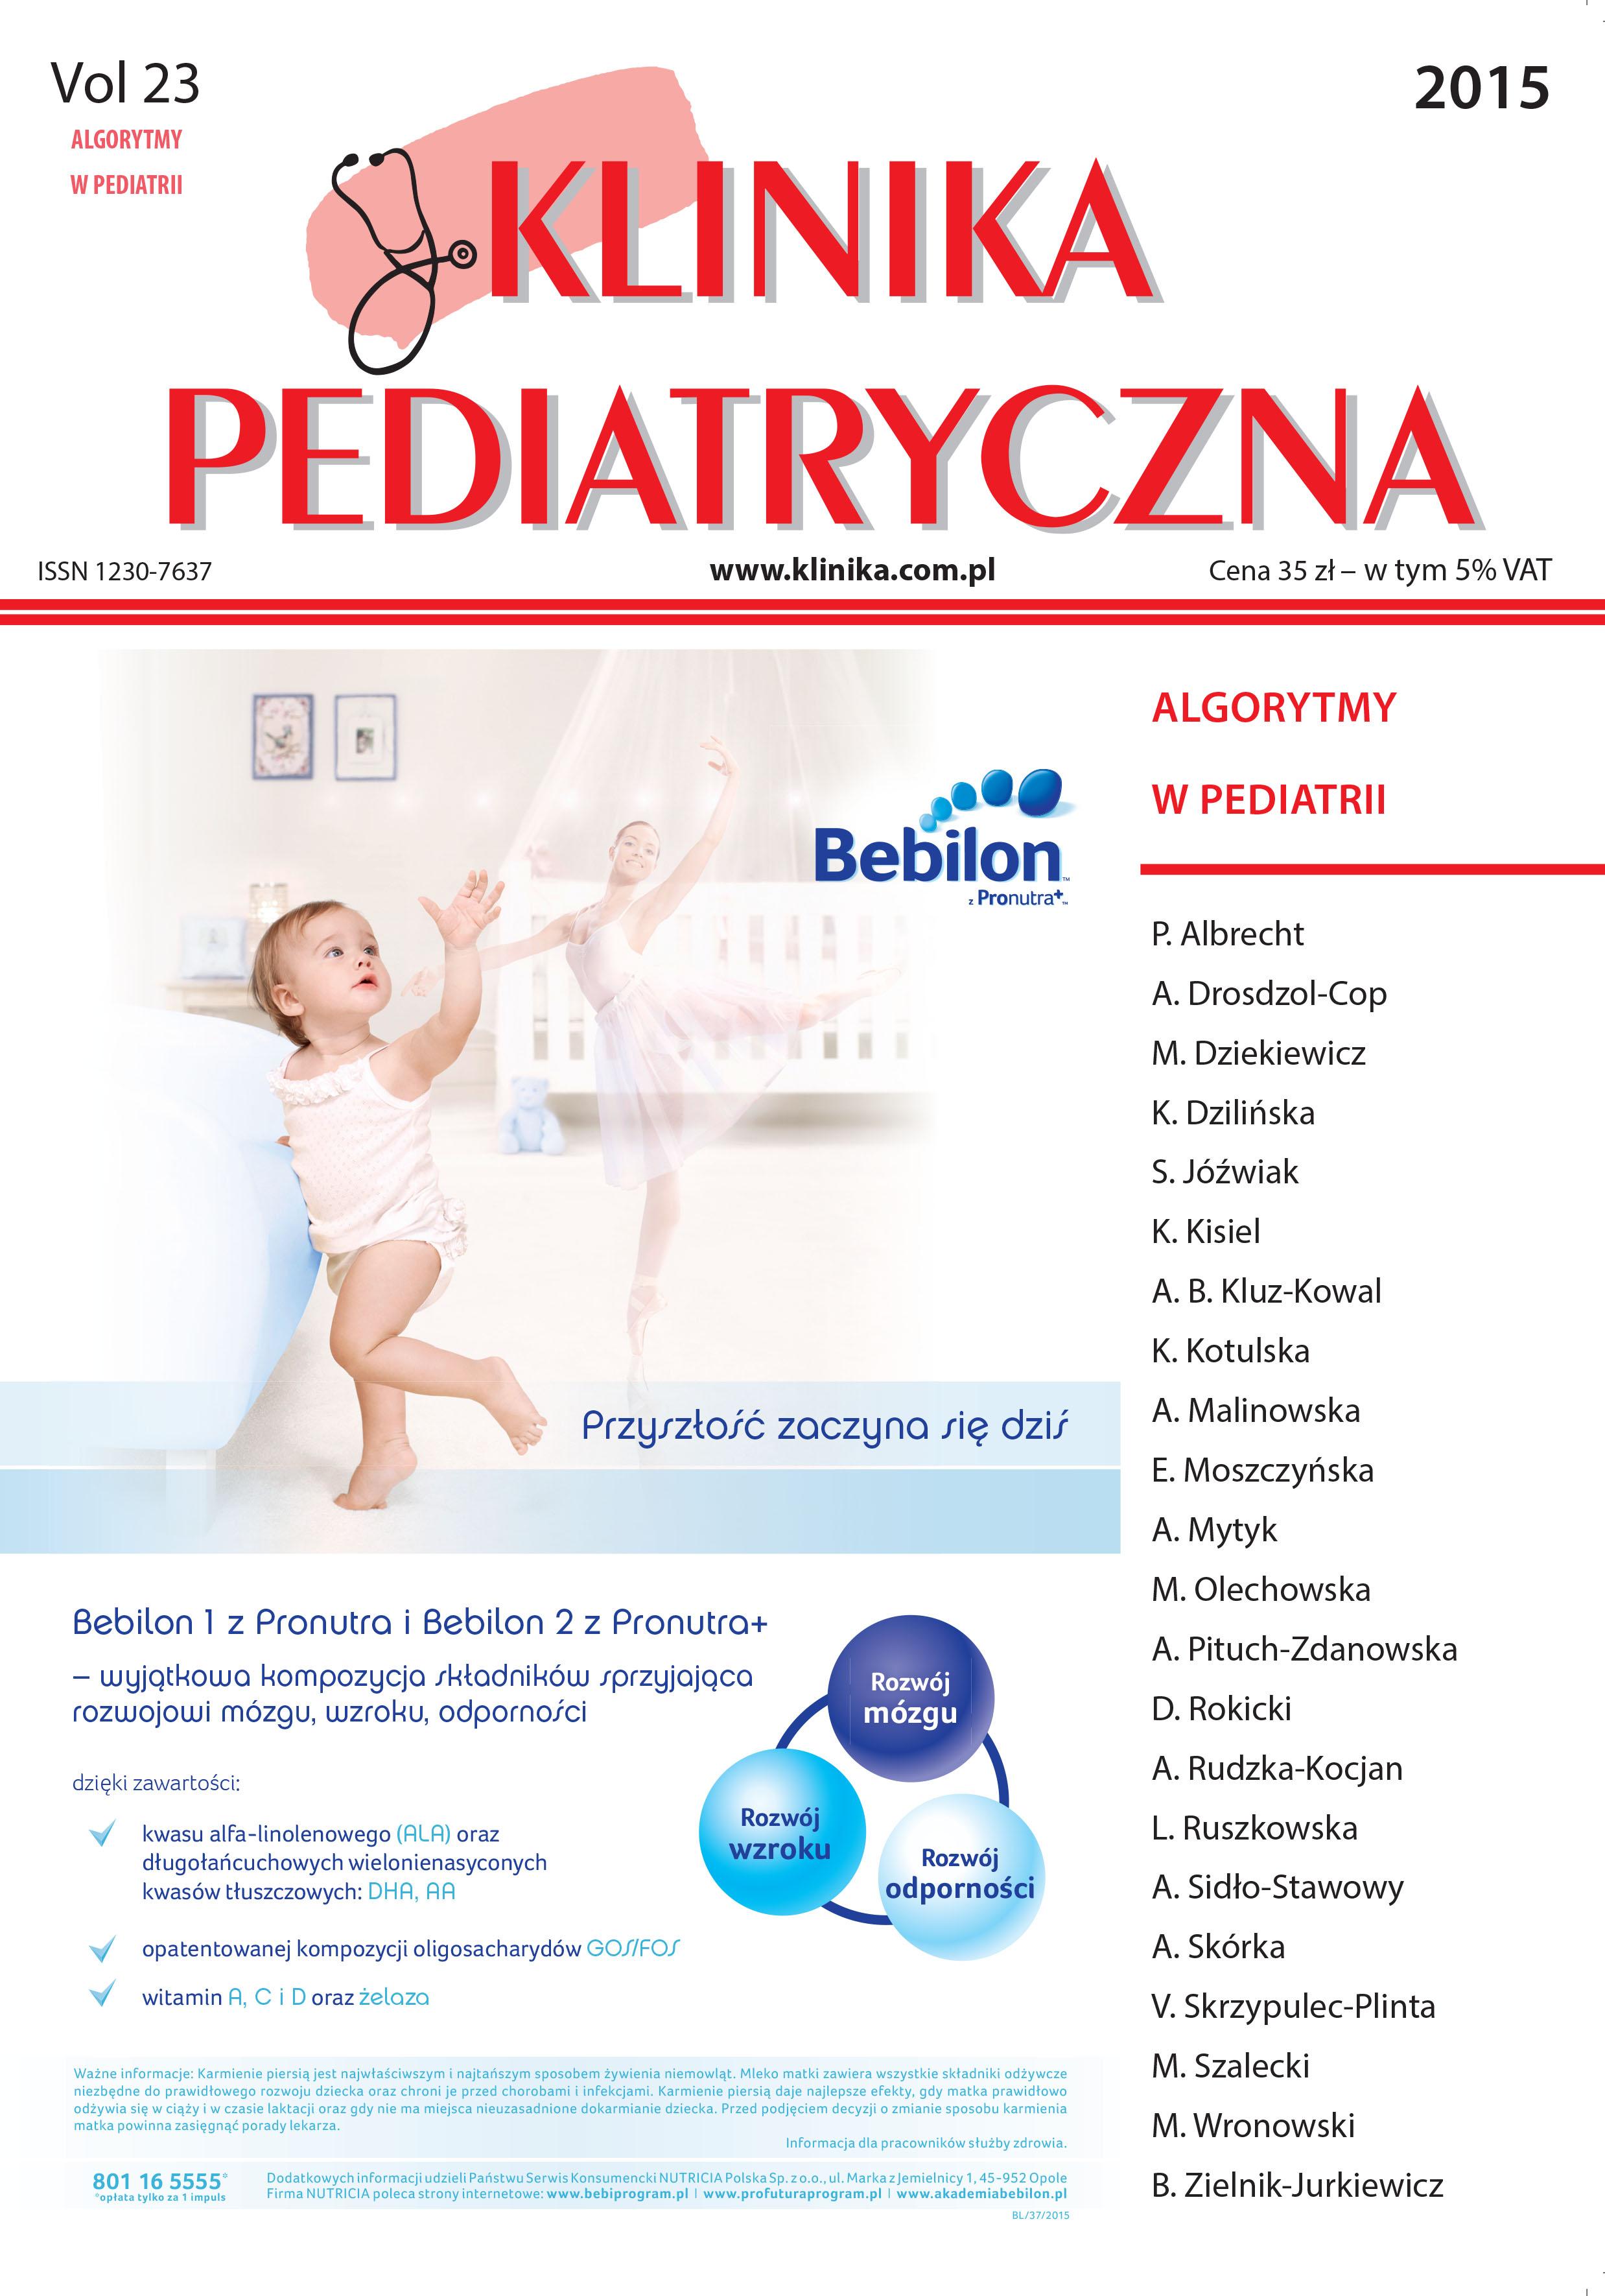 KP 2015 - Numer Specjalny -Algorytmy w pediatrii